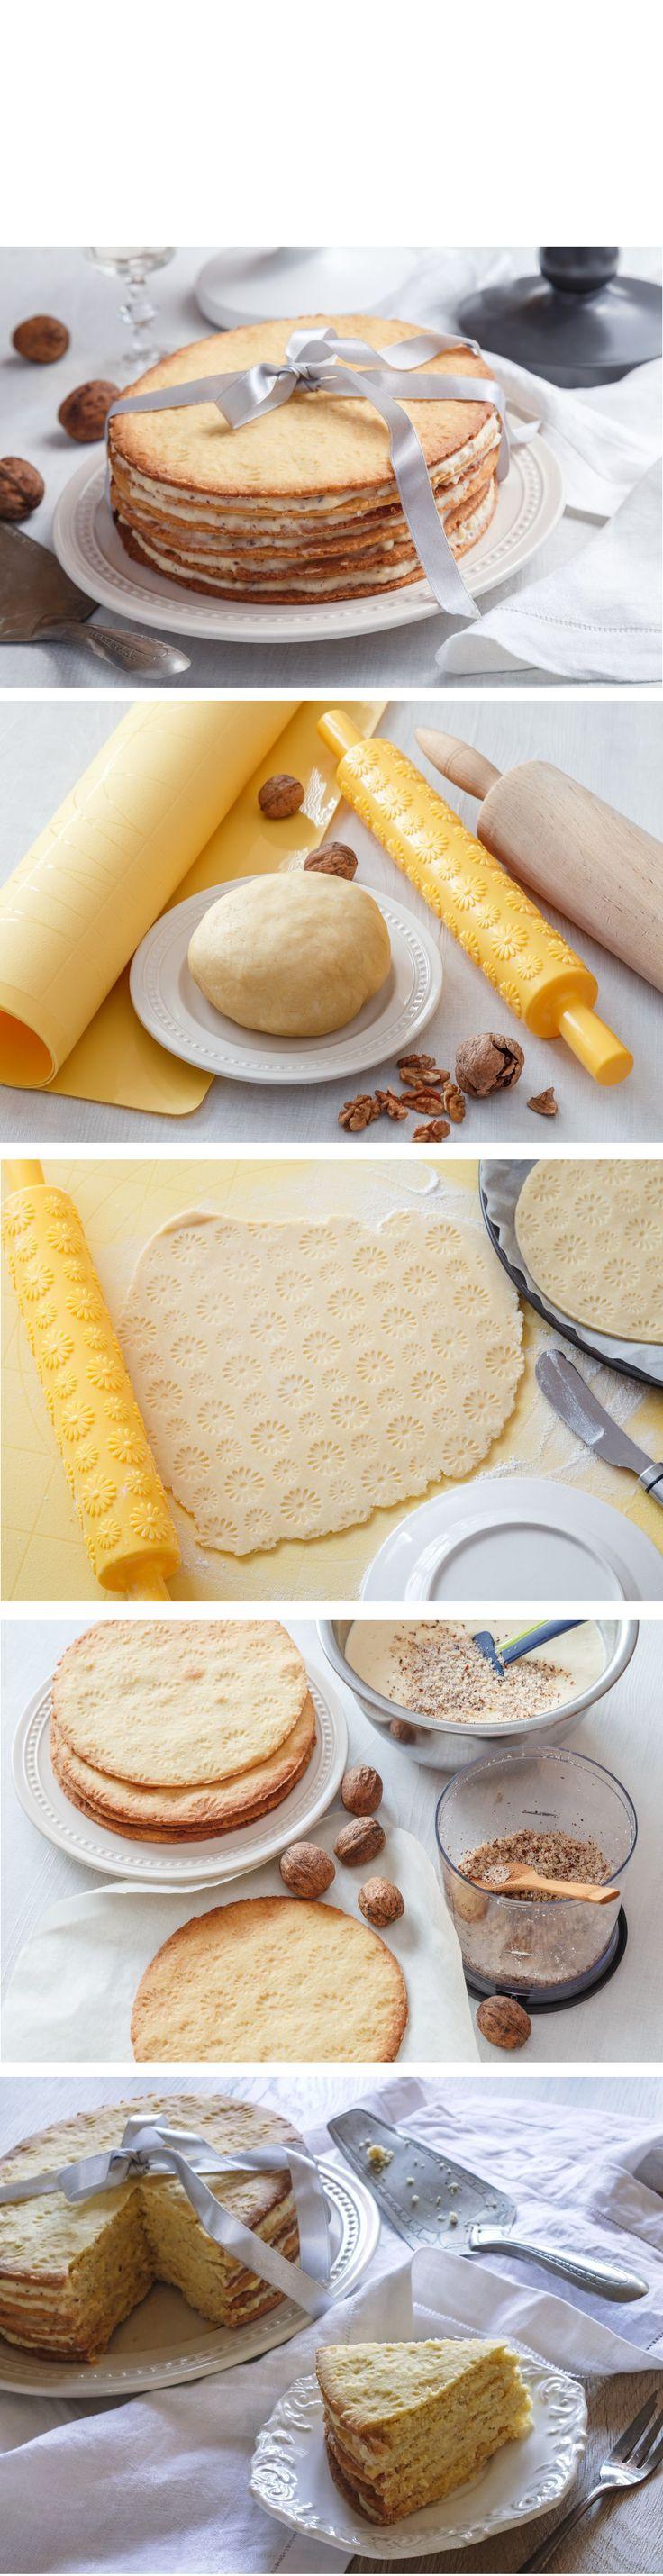 Zdobicí váleček využijete nejen na marcipán, ale krásný reliéf s ním vytvoříte třeba i na sušenkový dort. Recept najdete na našem blogu.